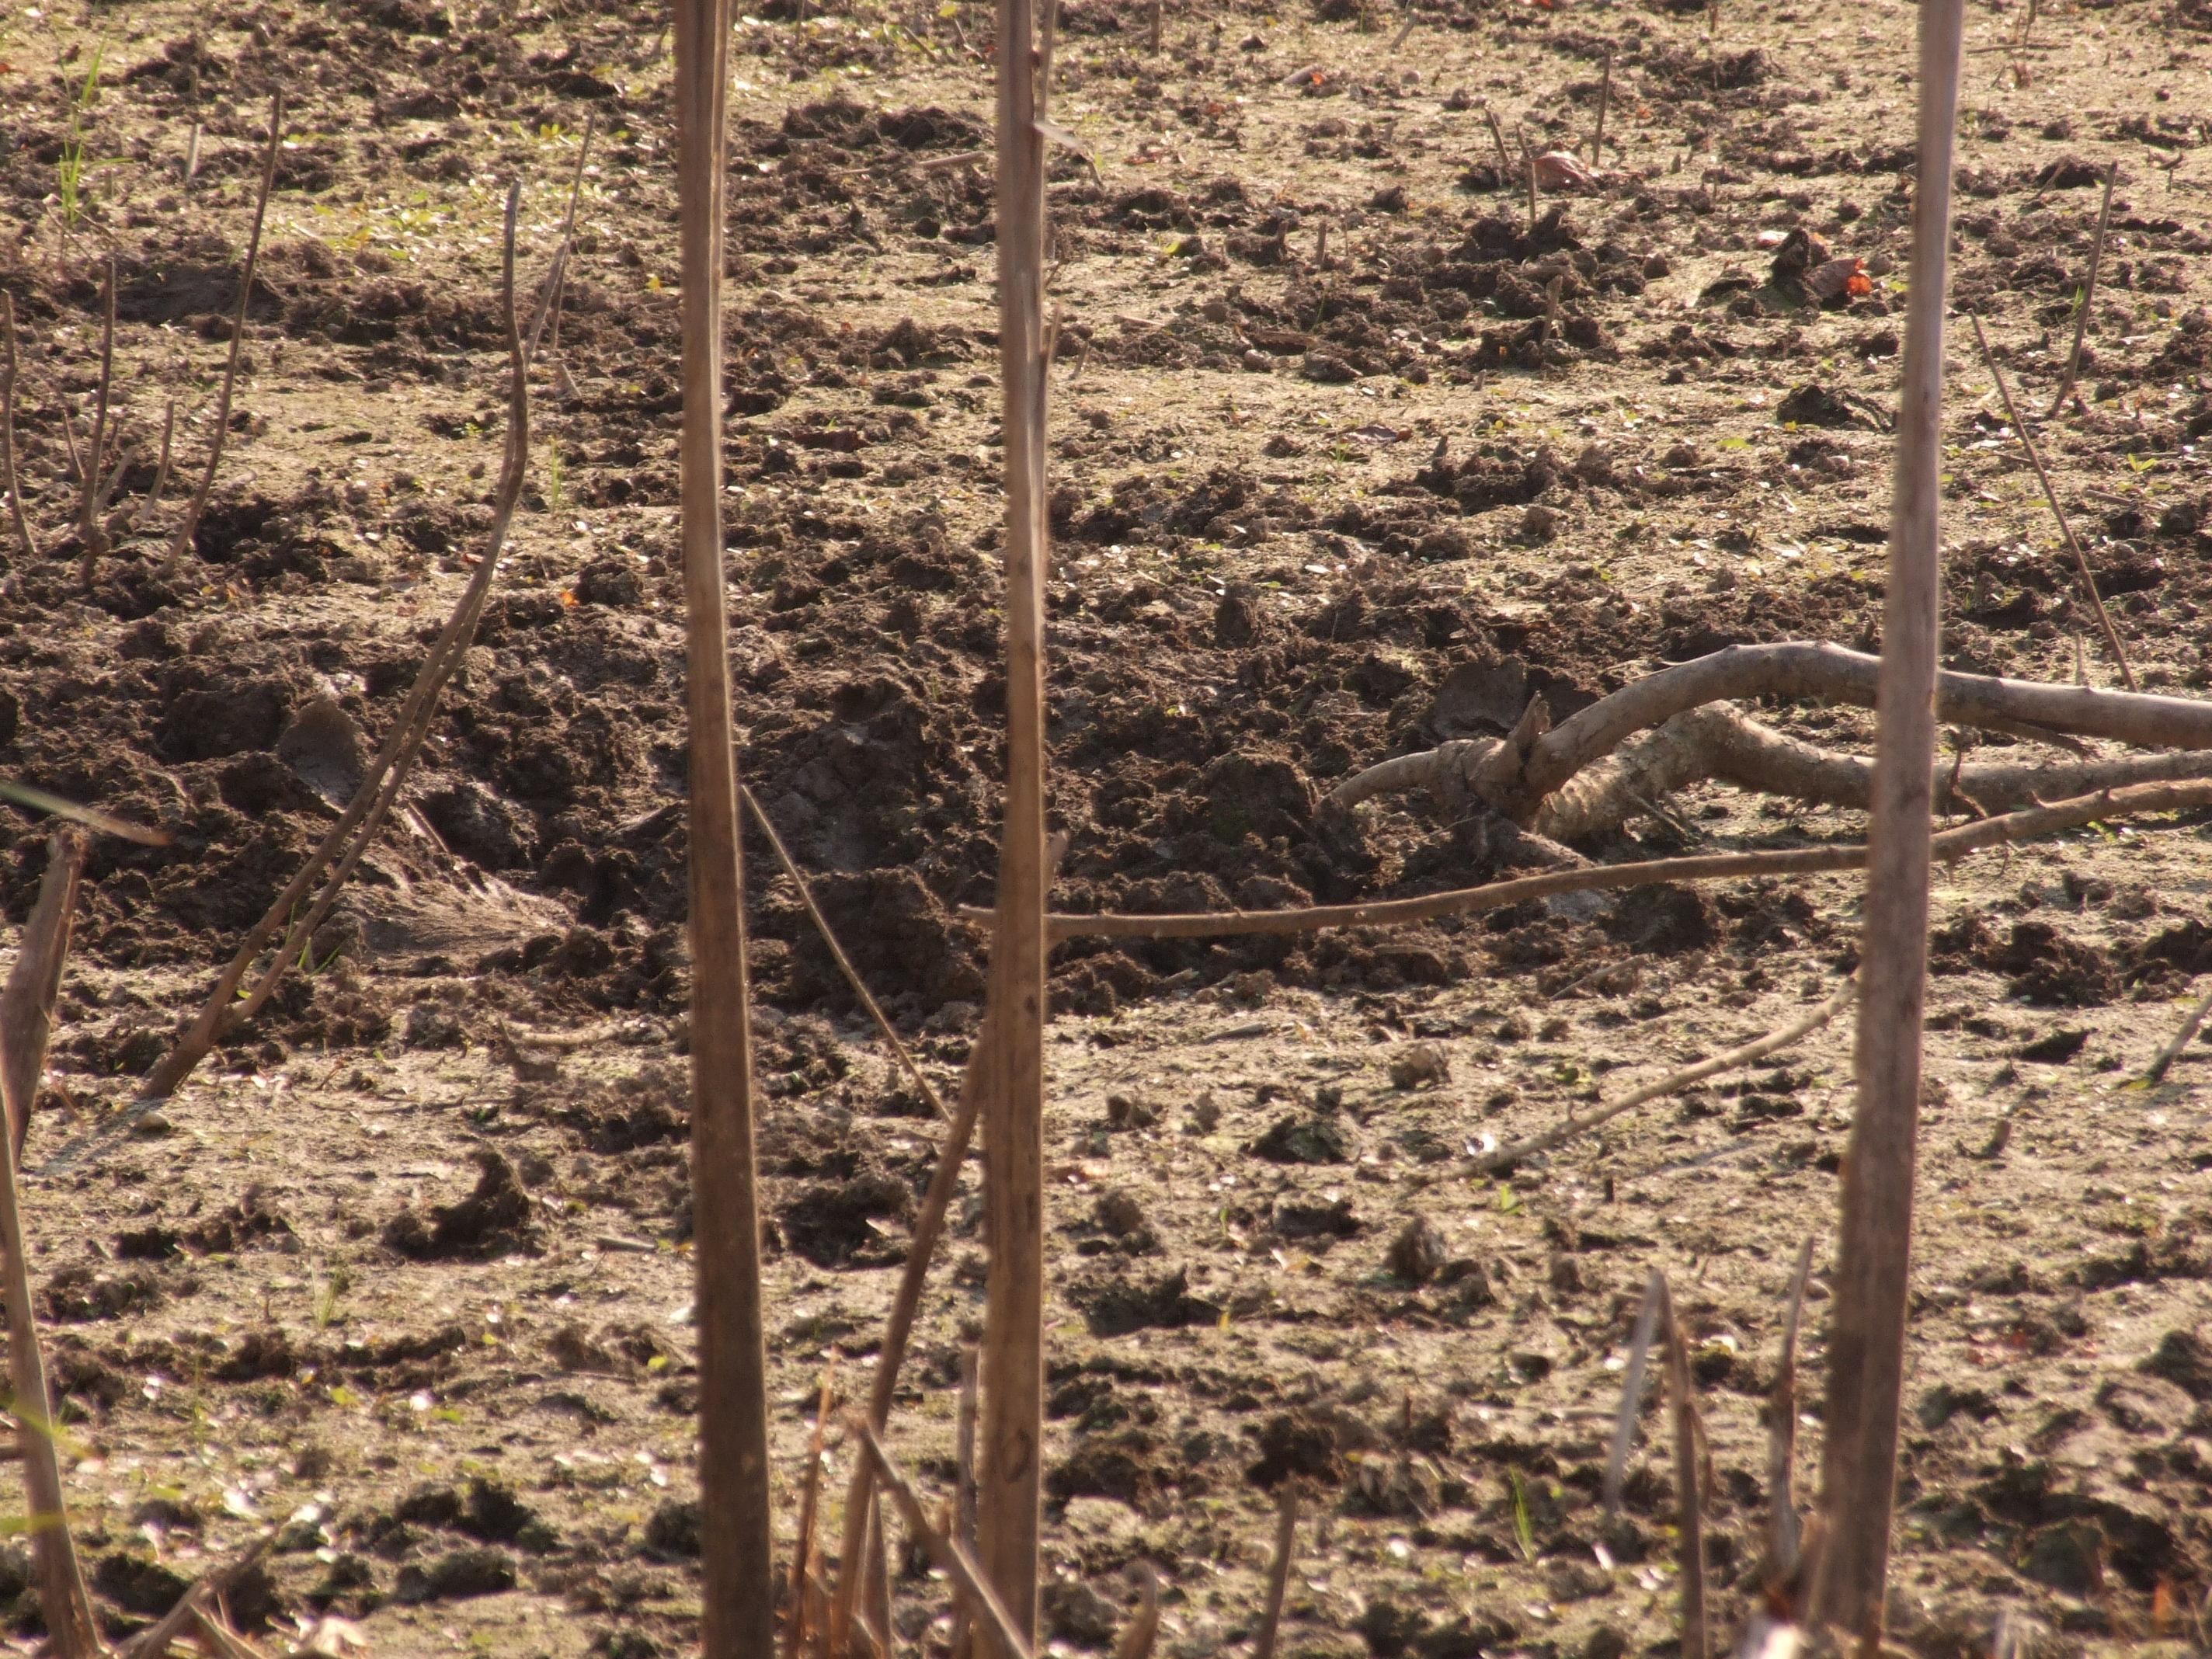 Vaddisznók által feldúrt kiszáradt holtág meder.A kiszáradt mocsárban elvermelő réti csíkok sokszor  a vaddisznók táplálékává válnak .